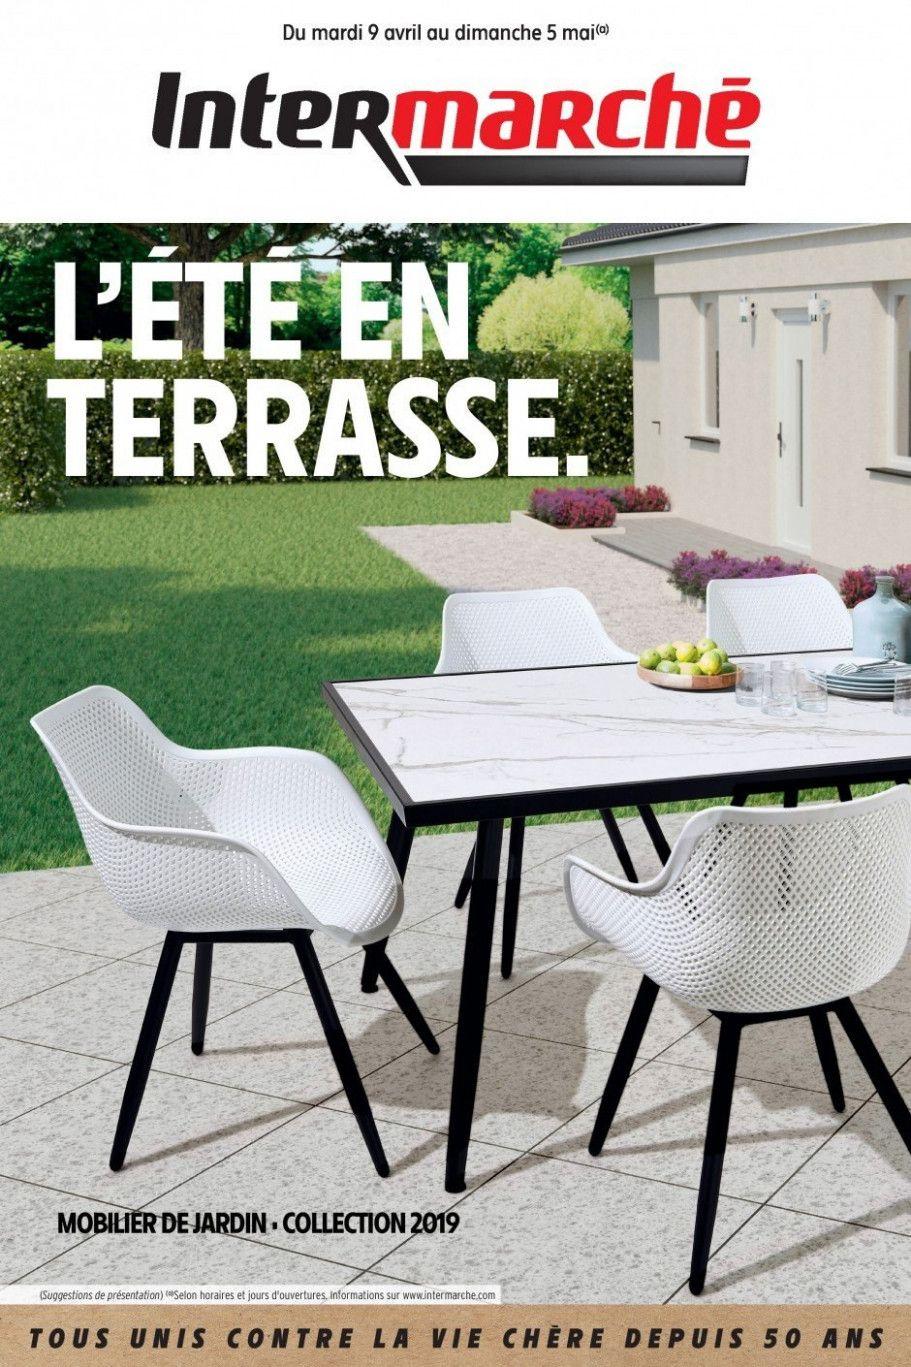 Intermarché Salon De Jardin | Home Decor, Folding Table, Decor dedans Intermarché Salon De Jardin